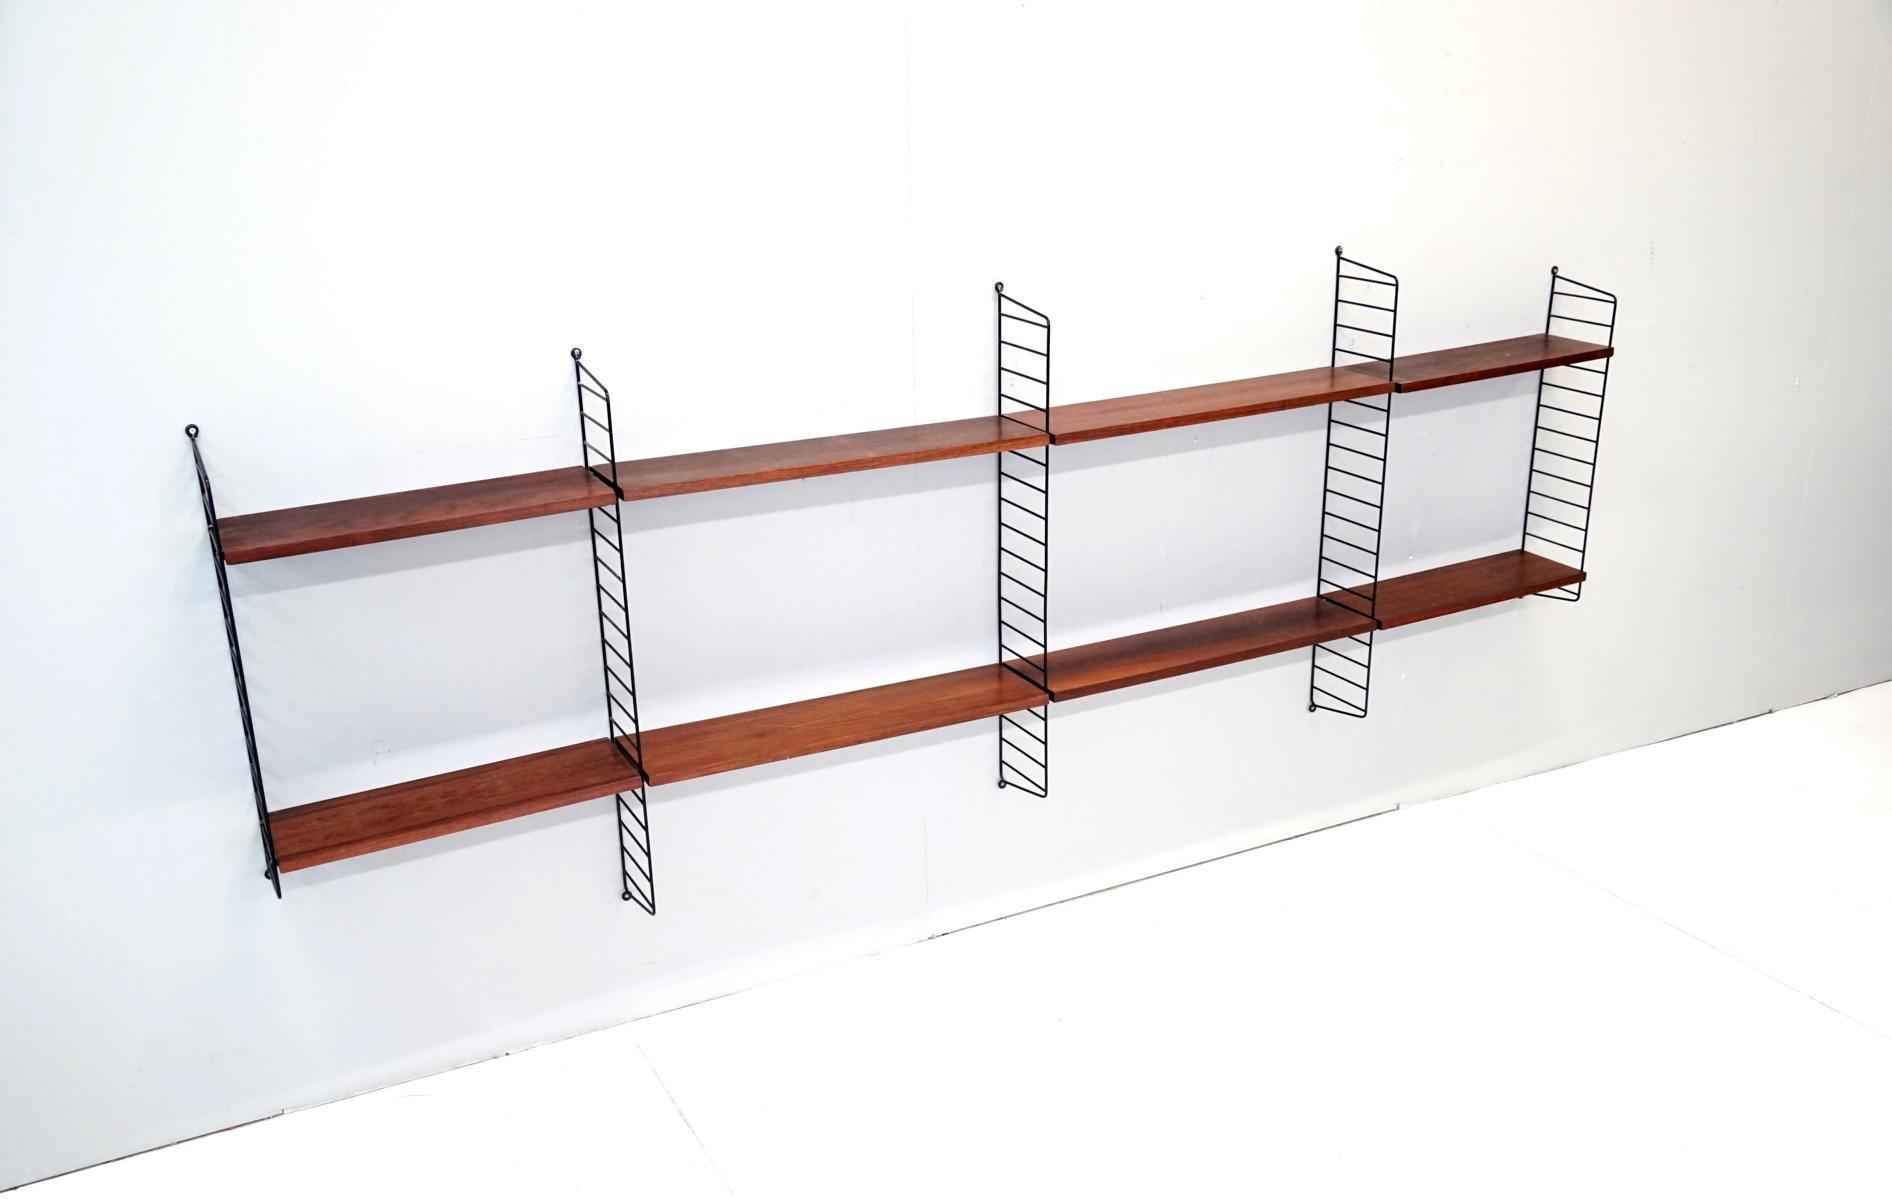 vintage string shelf rack system by nisse strinning for string 1960s for sale at pamono. Black Bedroom Furniture Sets. Home Design Ideas